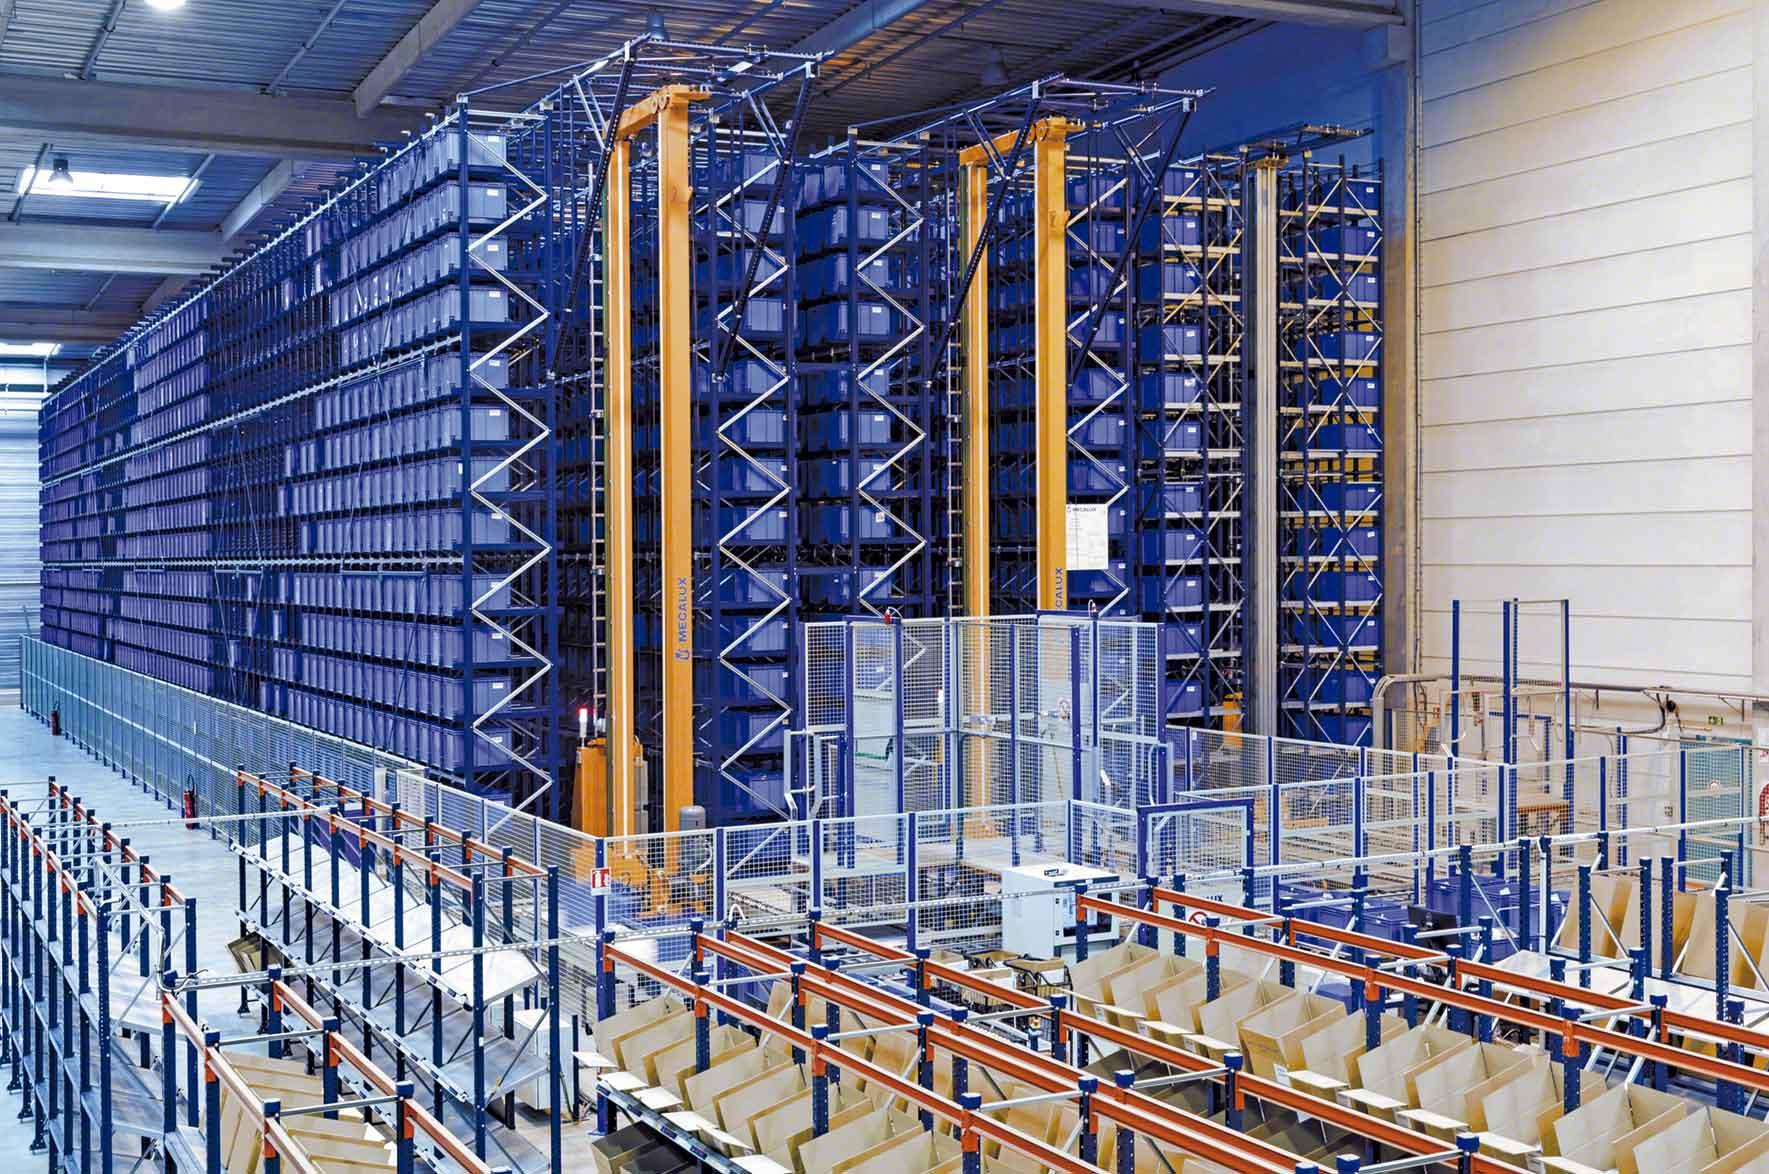 LEs différents types d'entrepôts automatisés répondent à des besoins logistiques spécifiques